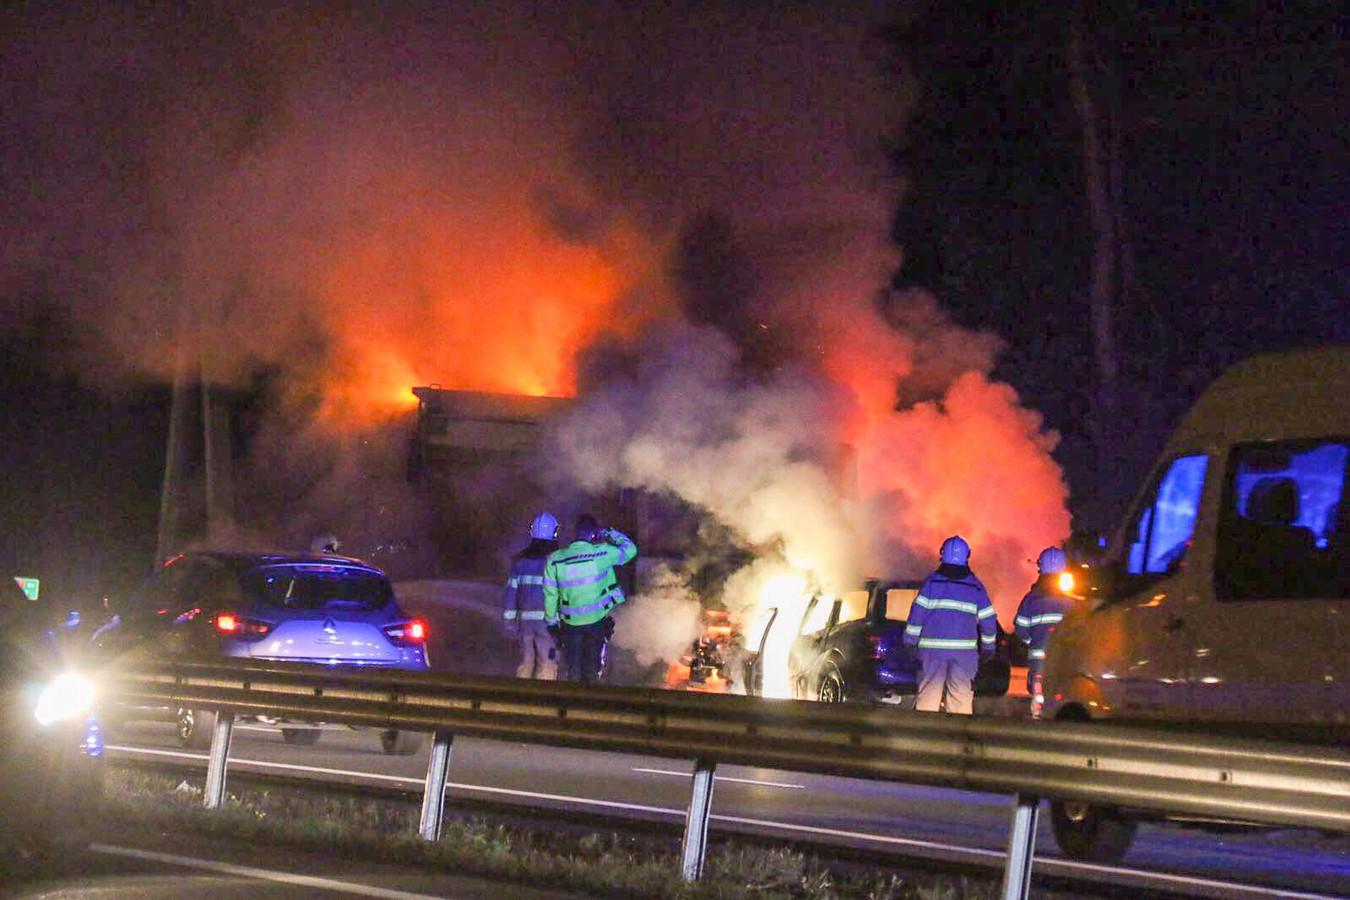 De voertuigen vlogen na het ongeluk op de A12 in brand.